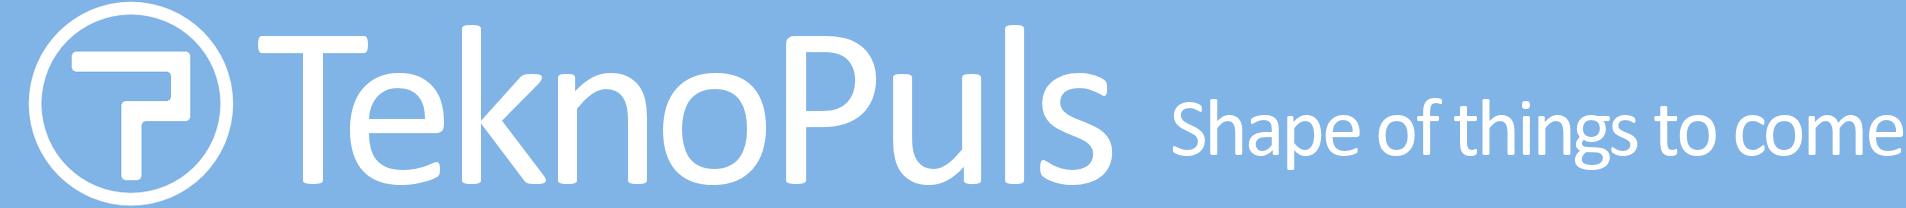 TeknoPuls – Nyheter om teknologi, forskning, innovasjon, design, gründer, it, portal